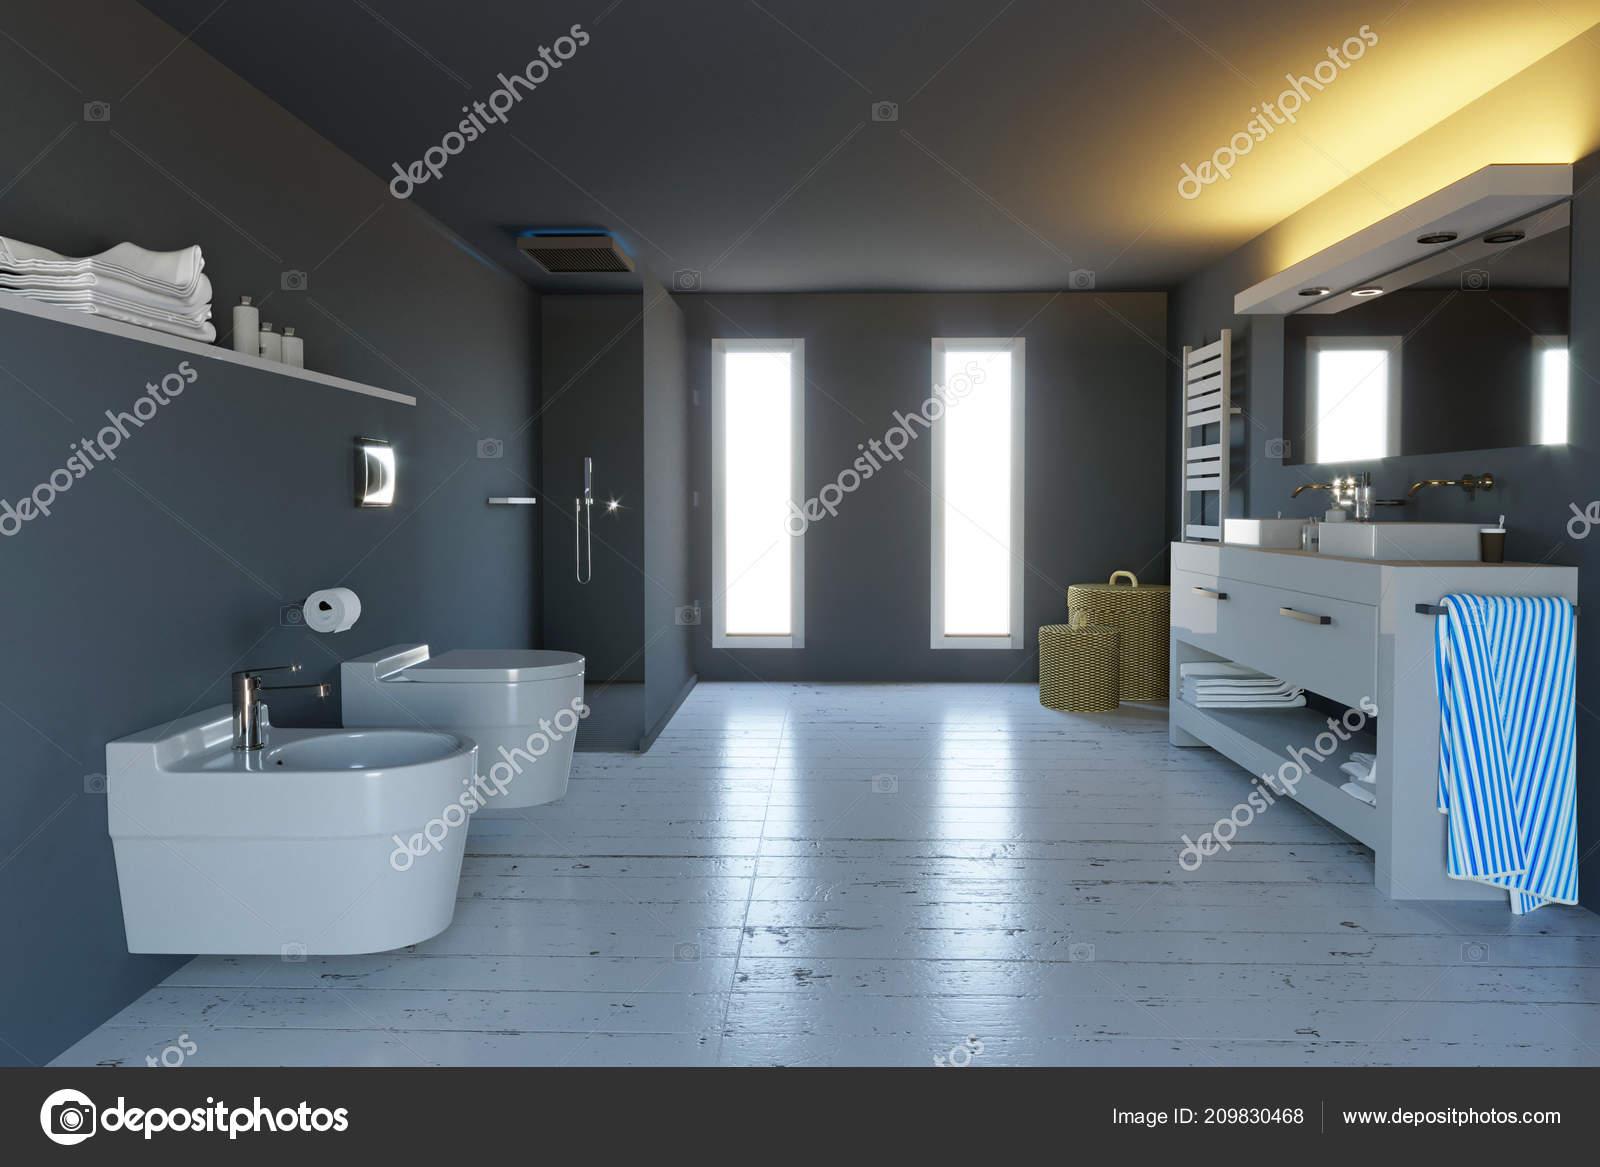 Modernes Badezimmer Komplett Mit Armaturen Dusche Und ...